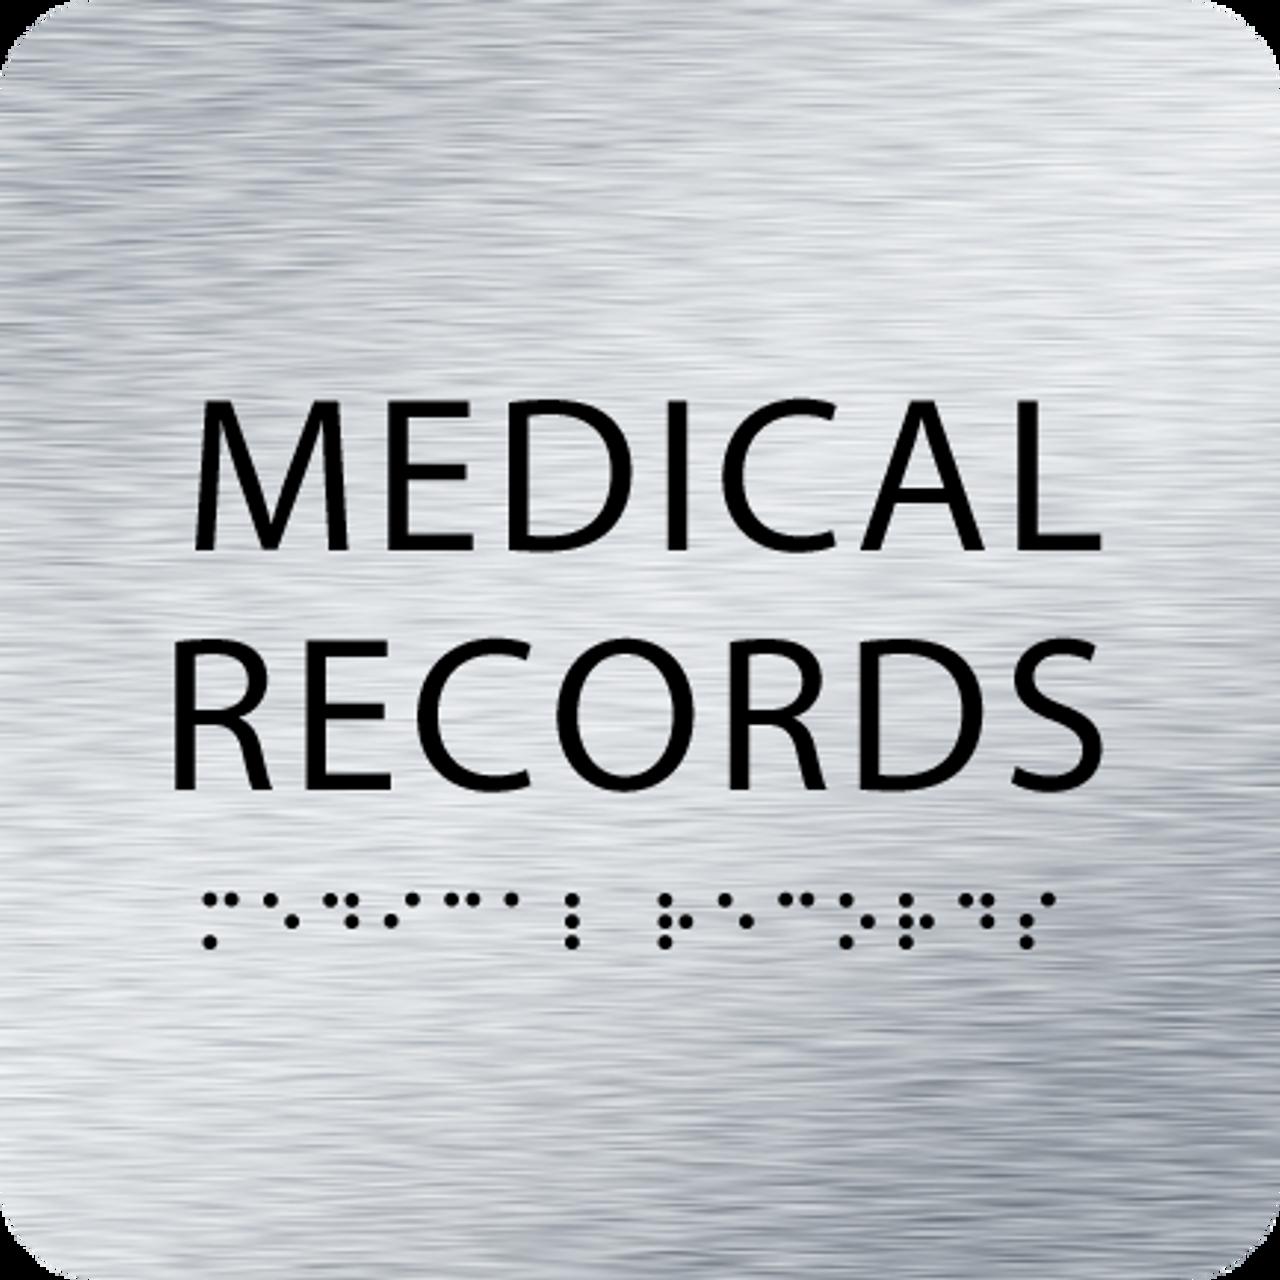 Aluminum Medical Records ADA Sign